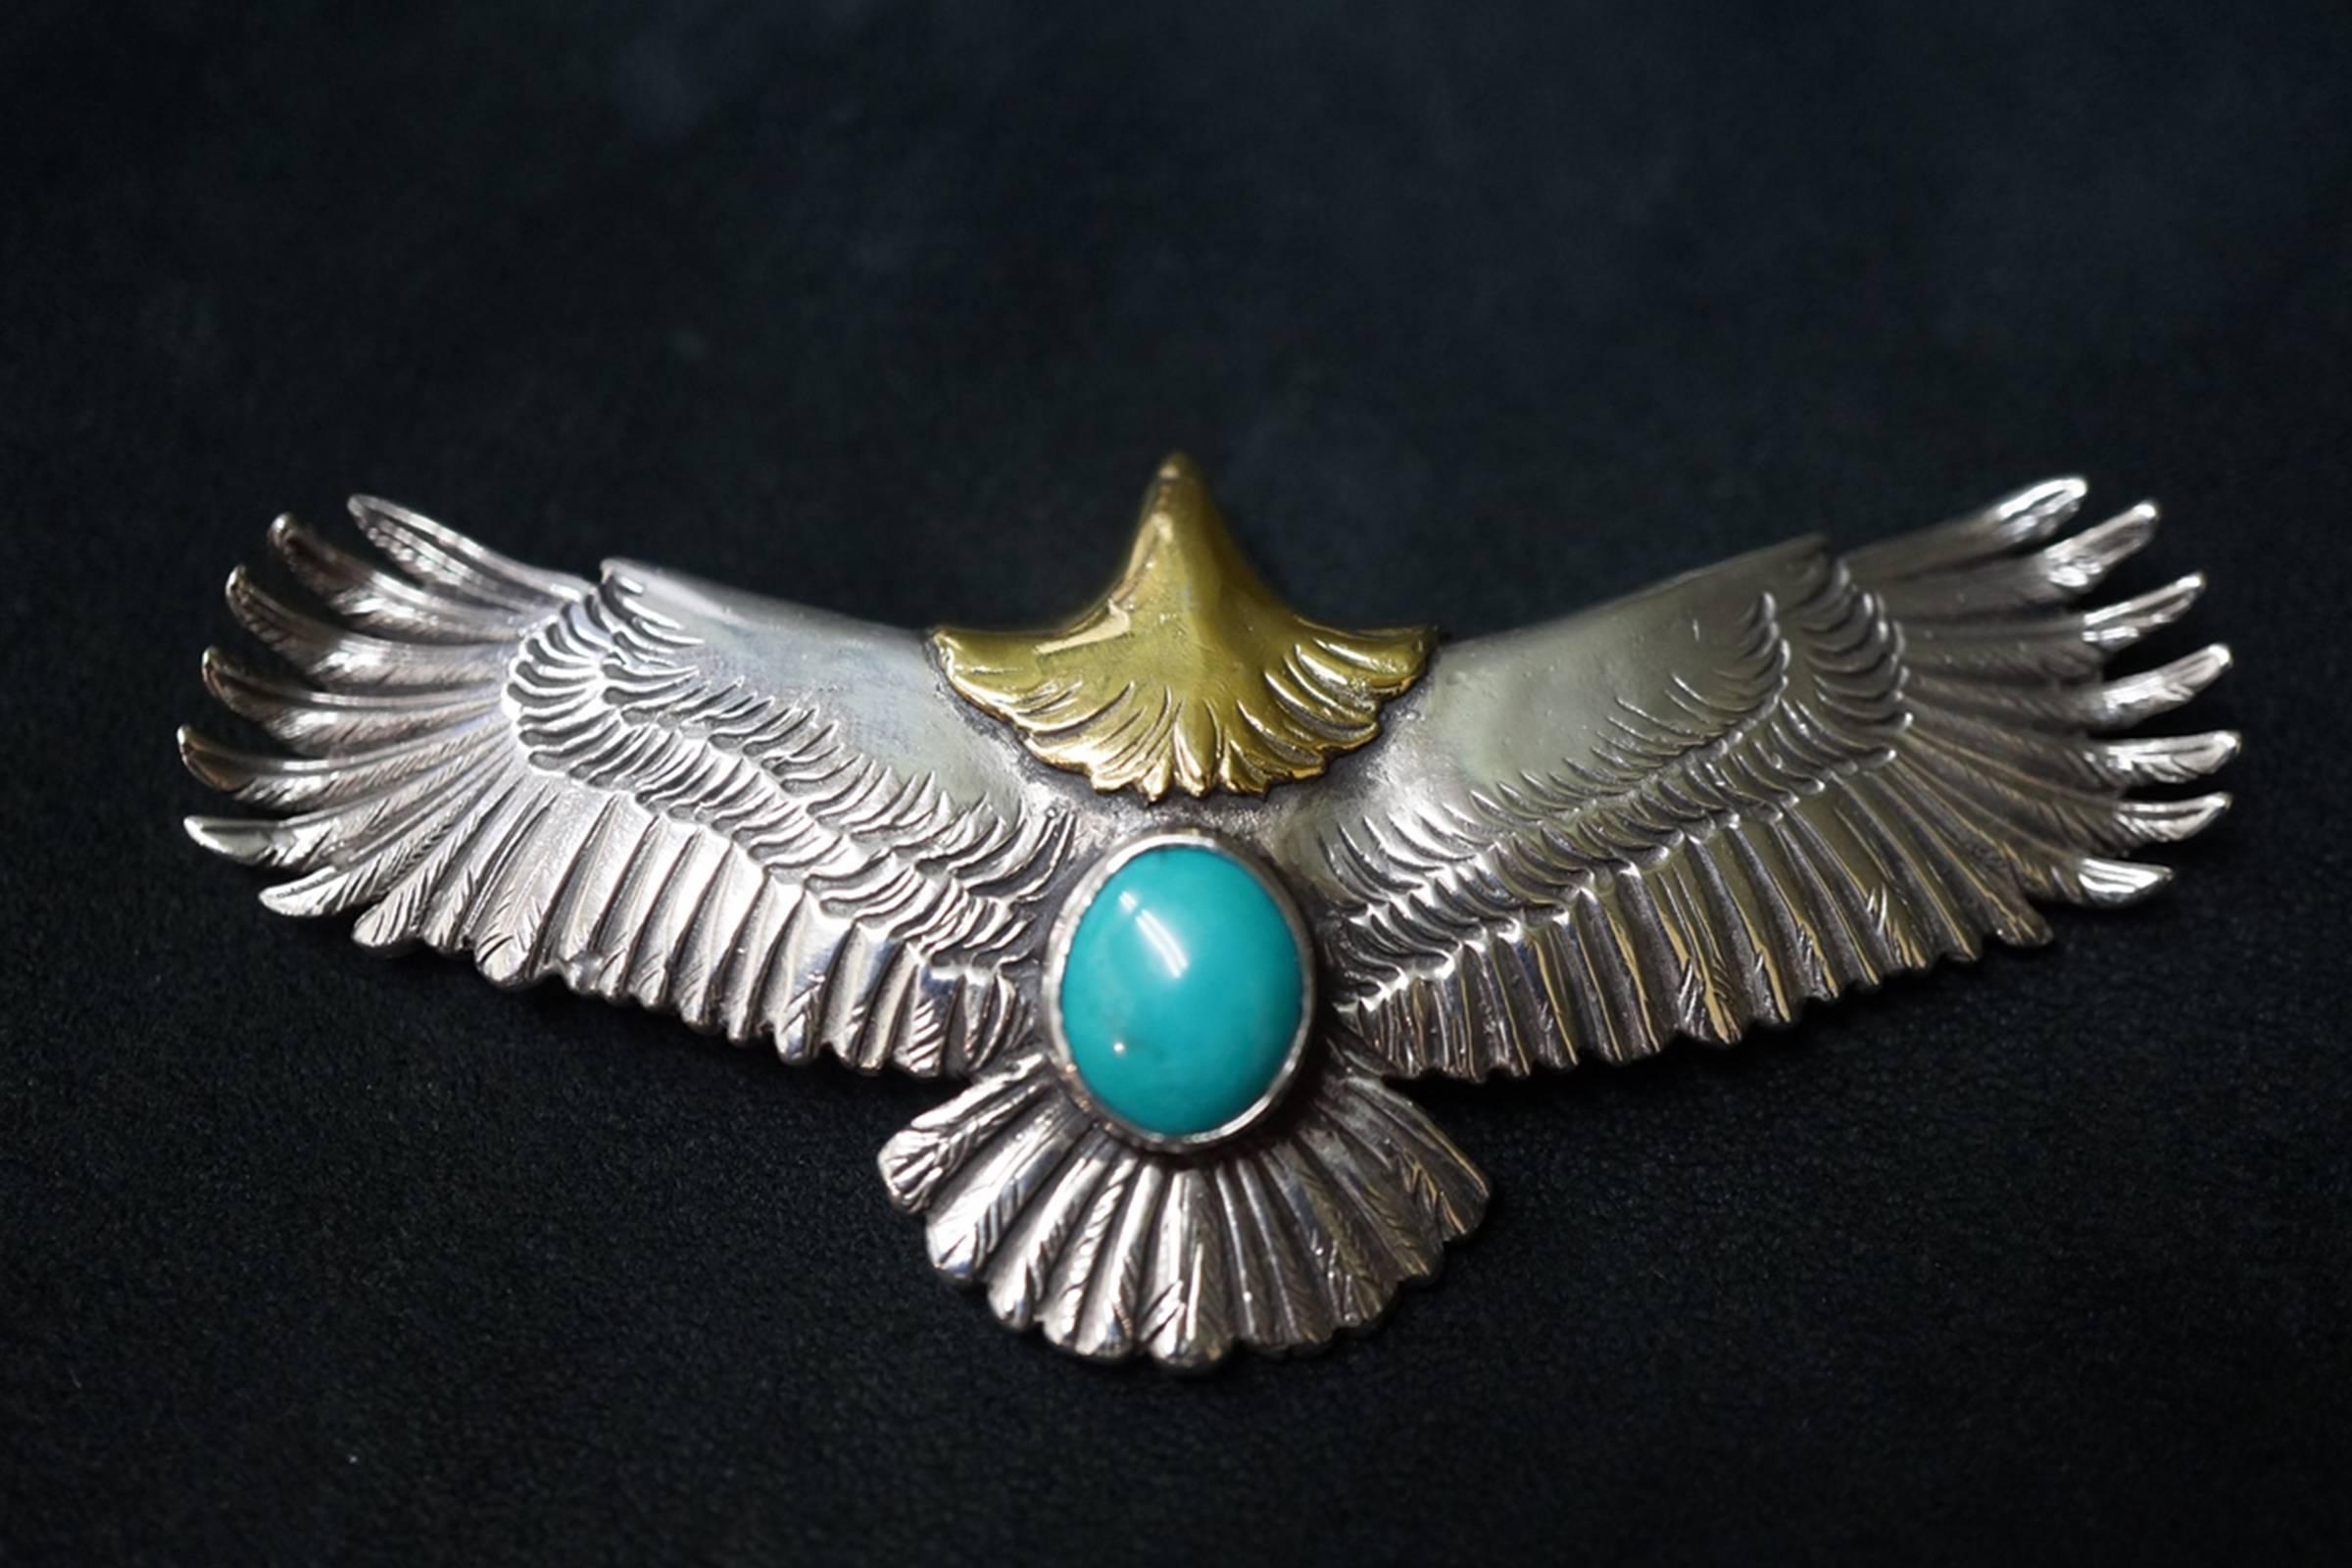 The Eagle Amulet, a Goro's signature